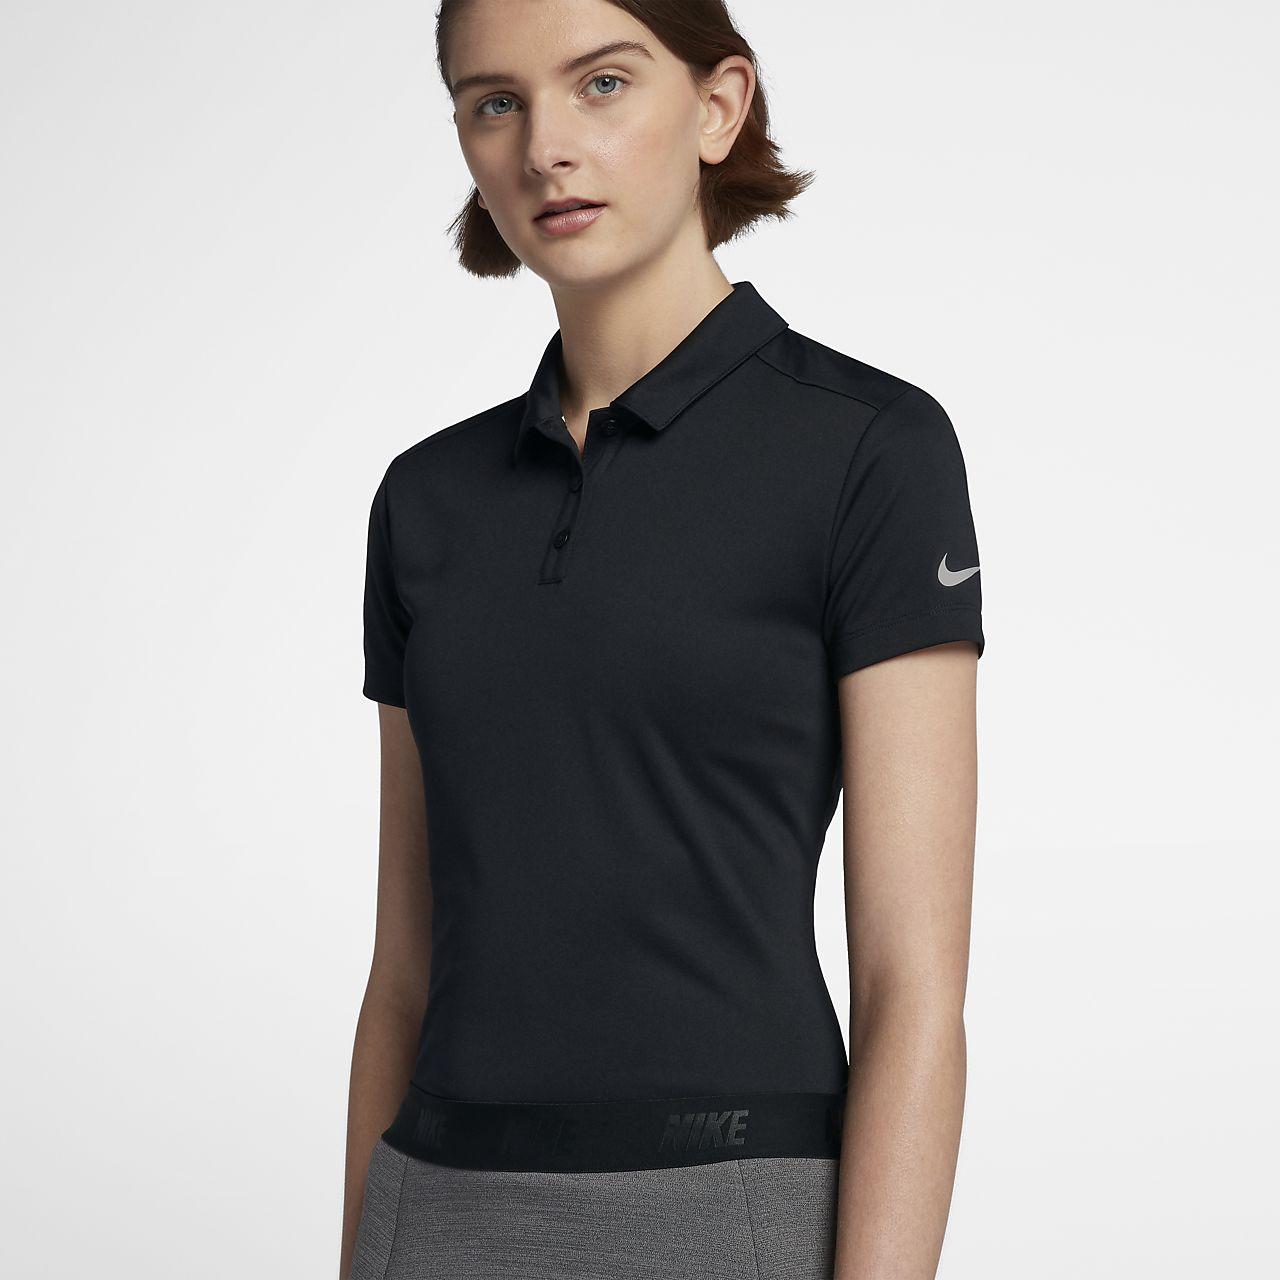 เสื้อโปโลกอล์ฟผู้หญิง Nike Dri-FIT